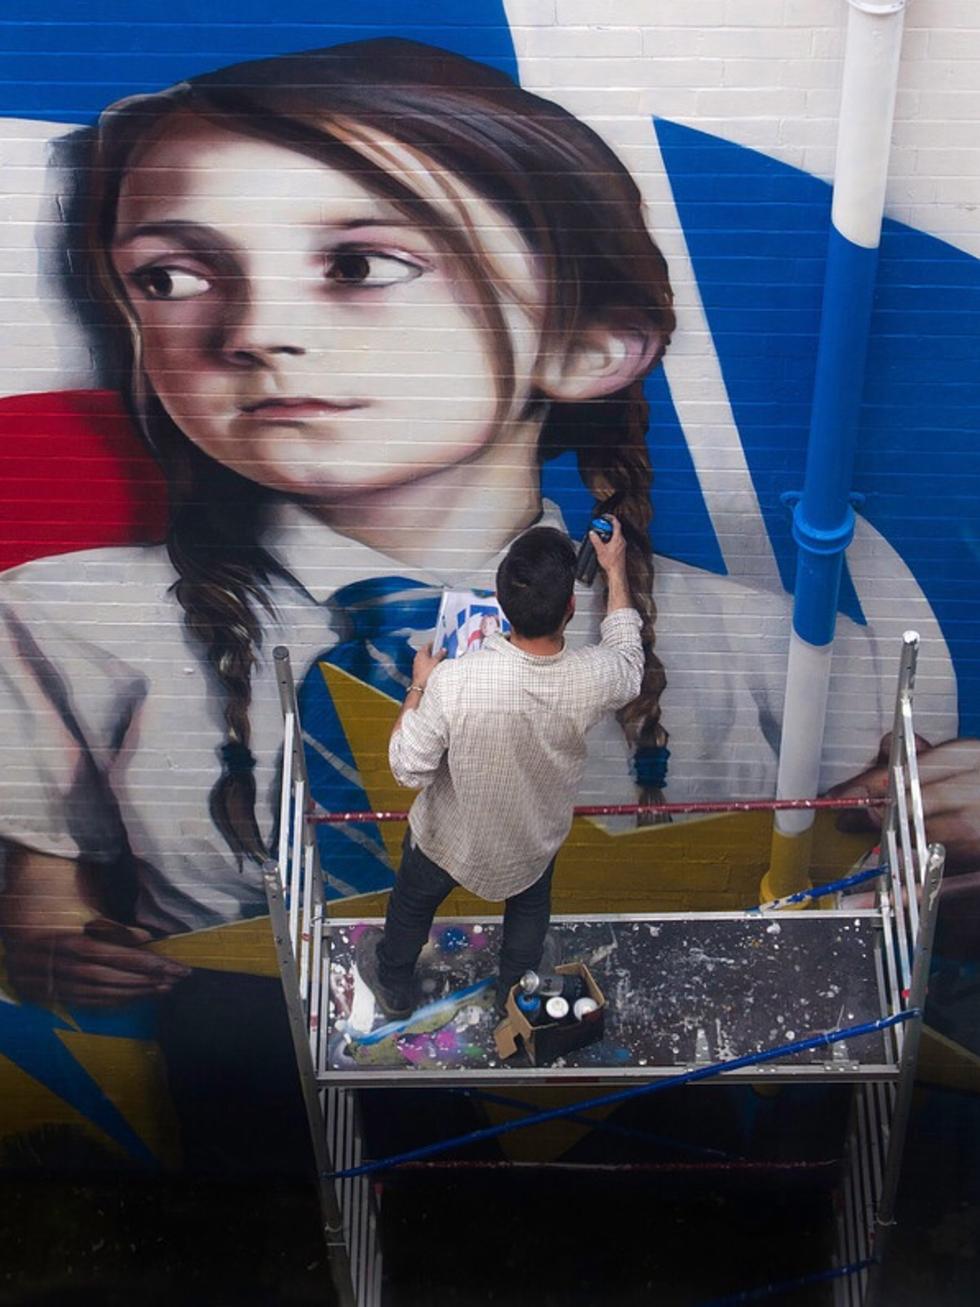 streetart regrexit